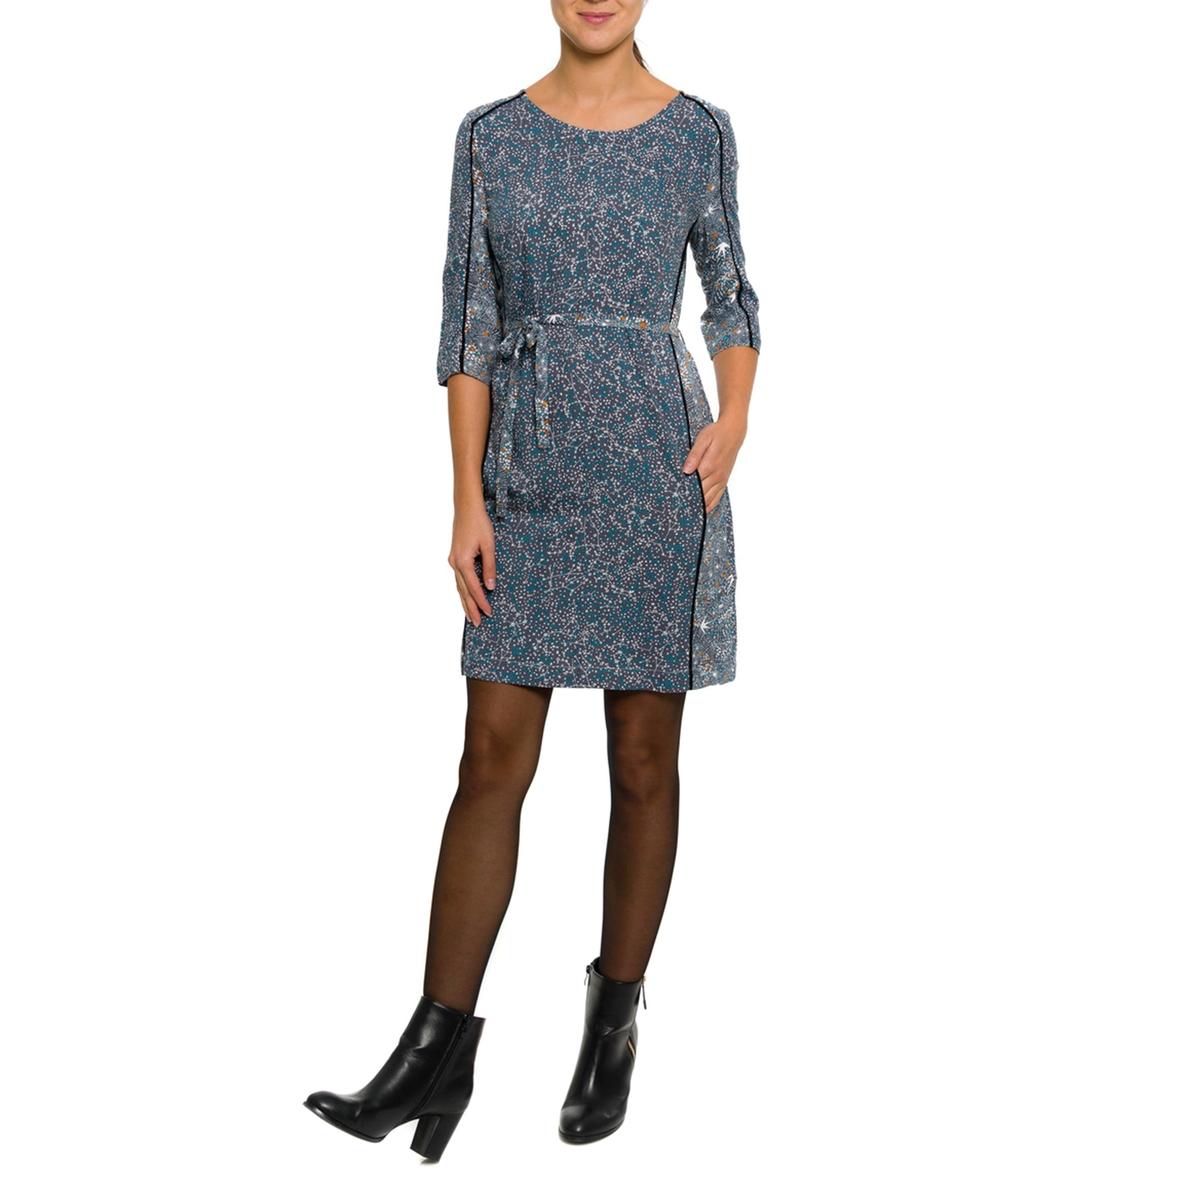 Платье с рукавами 3/4Состав и описание:Материал: 100% вискозы.     Марка: PARAMITA.<br><br>Цвет: синий/наб. рисунок<br>Размер: S